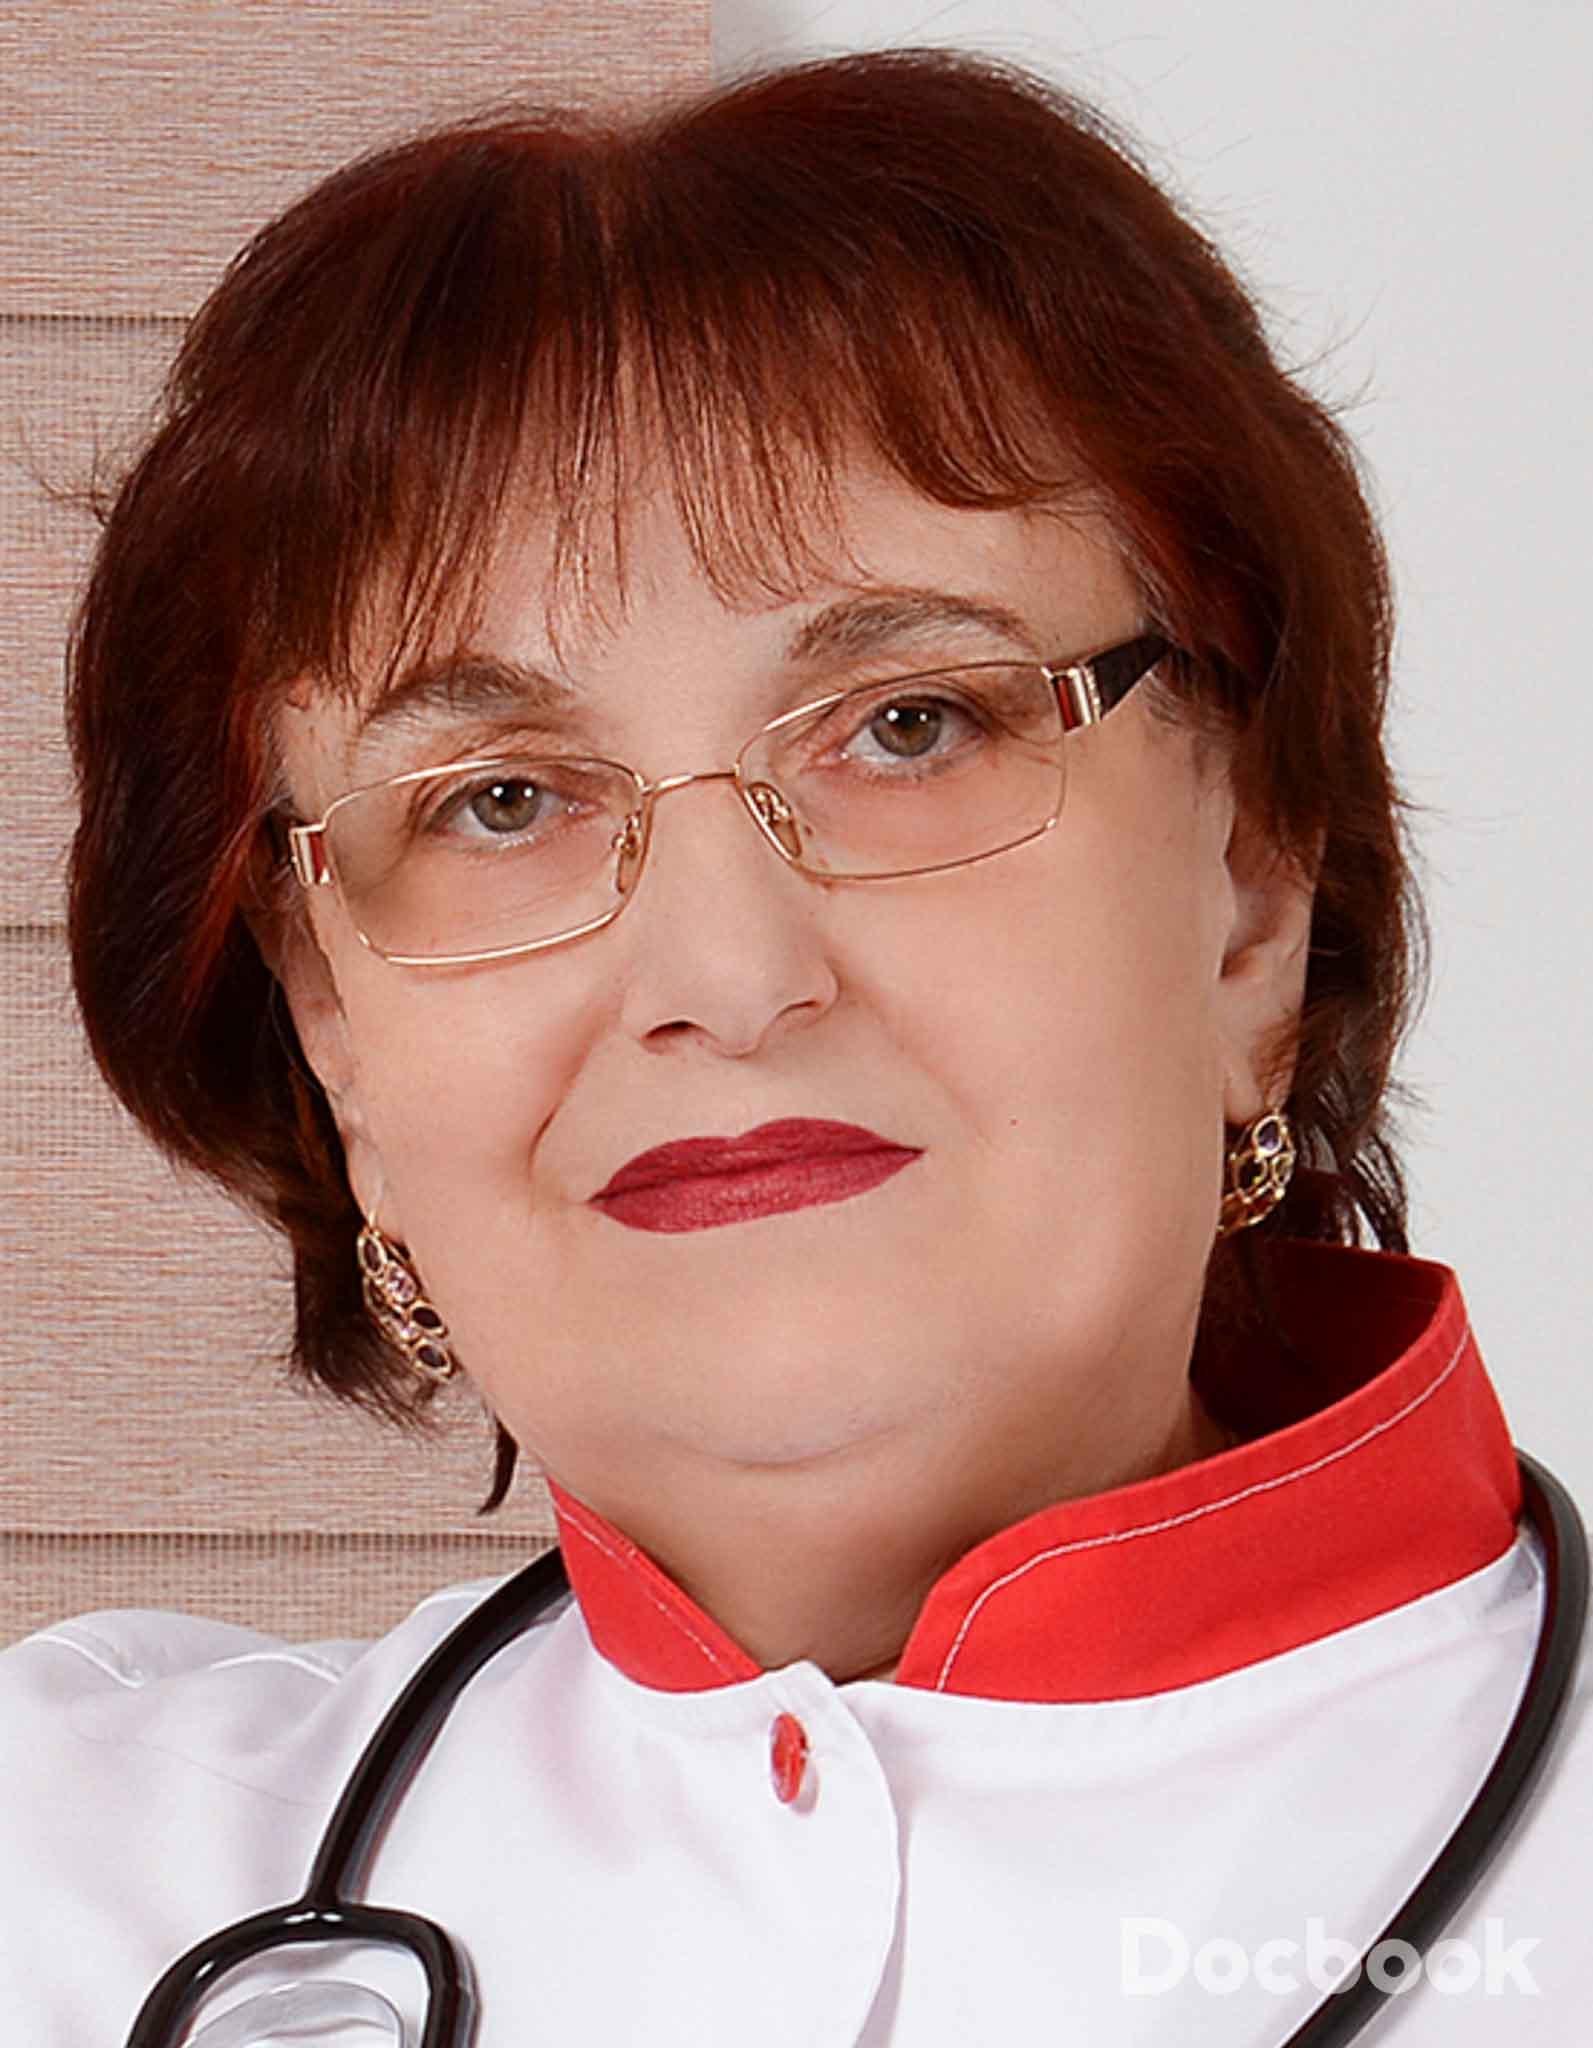 Dr. Hermina Schvam